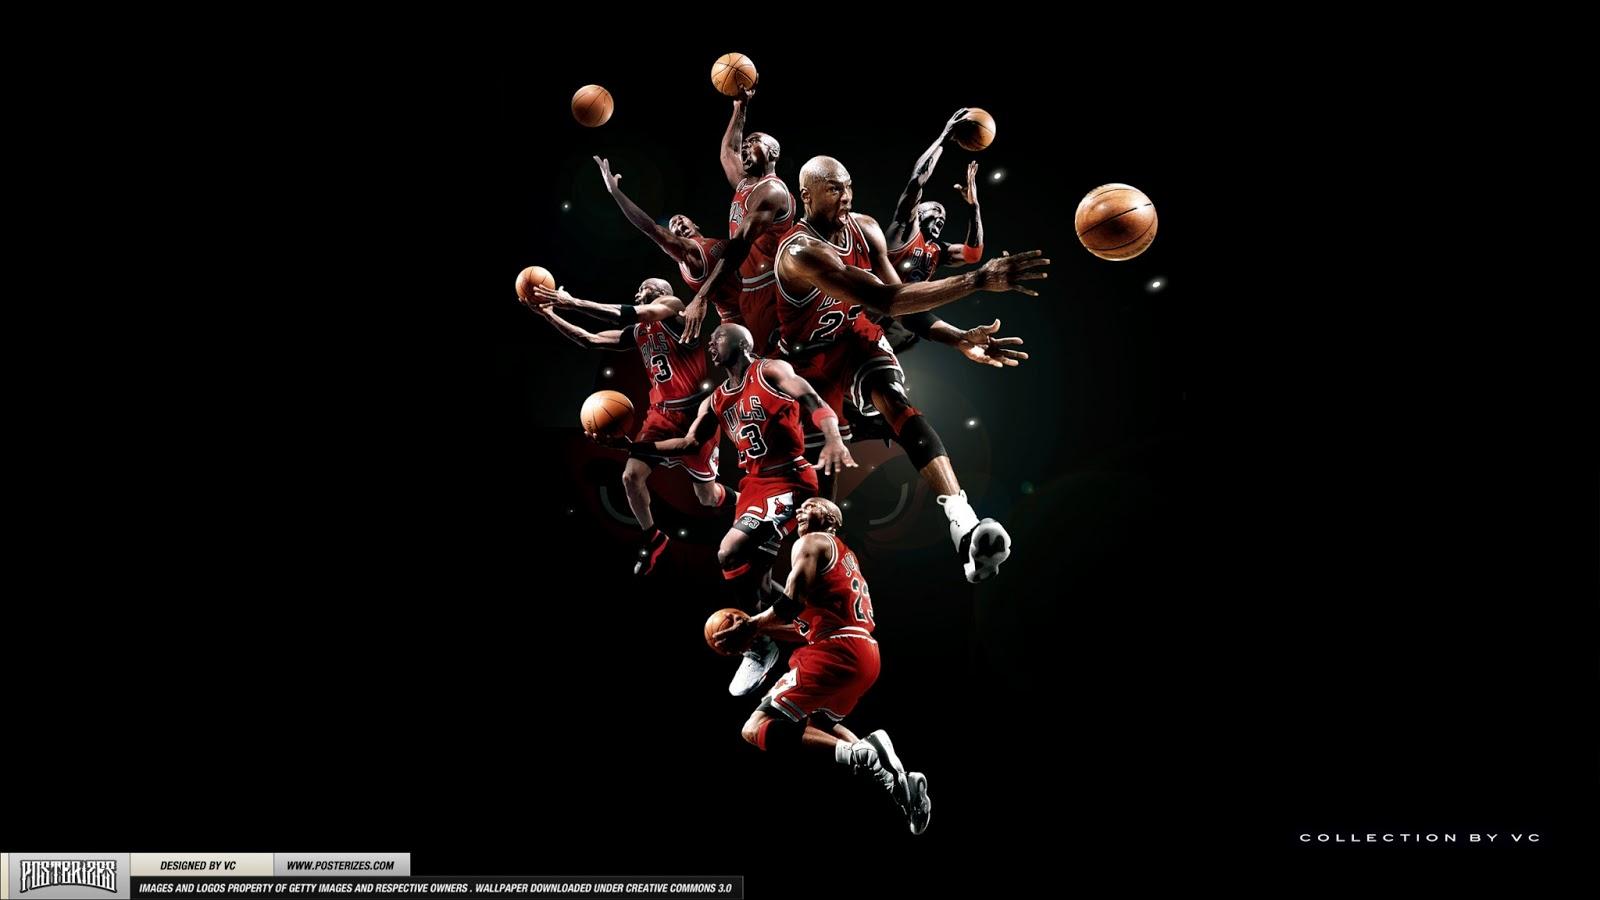 Michael Jordan HD Wallpapers – wallpaper202